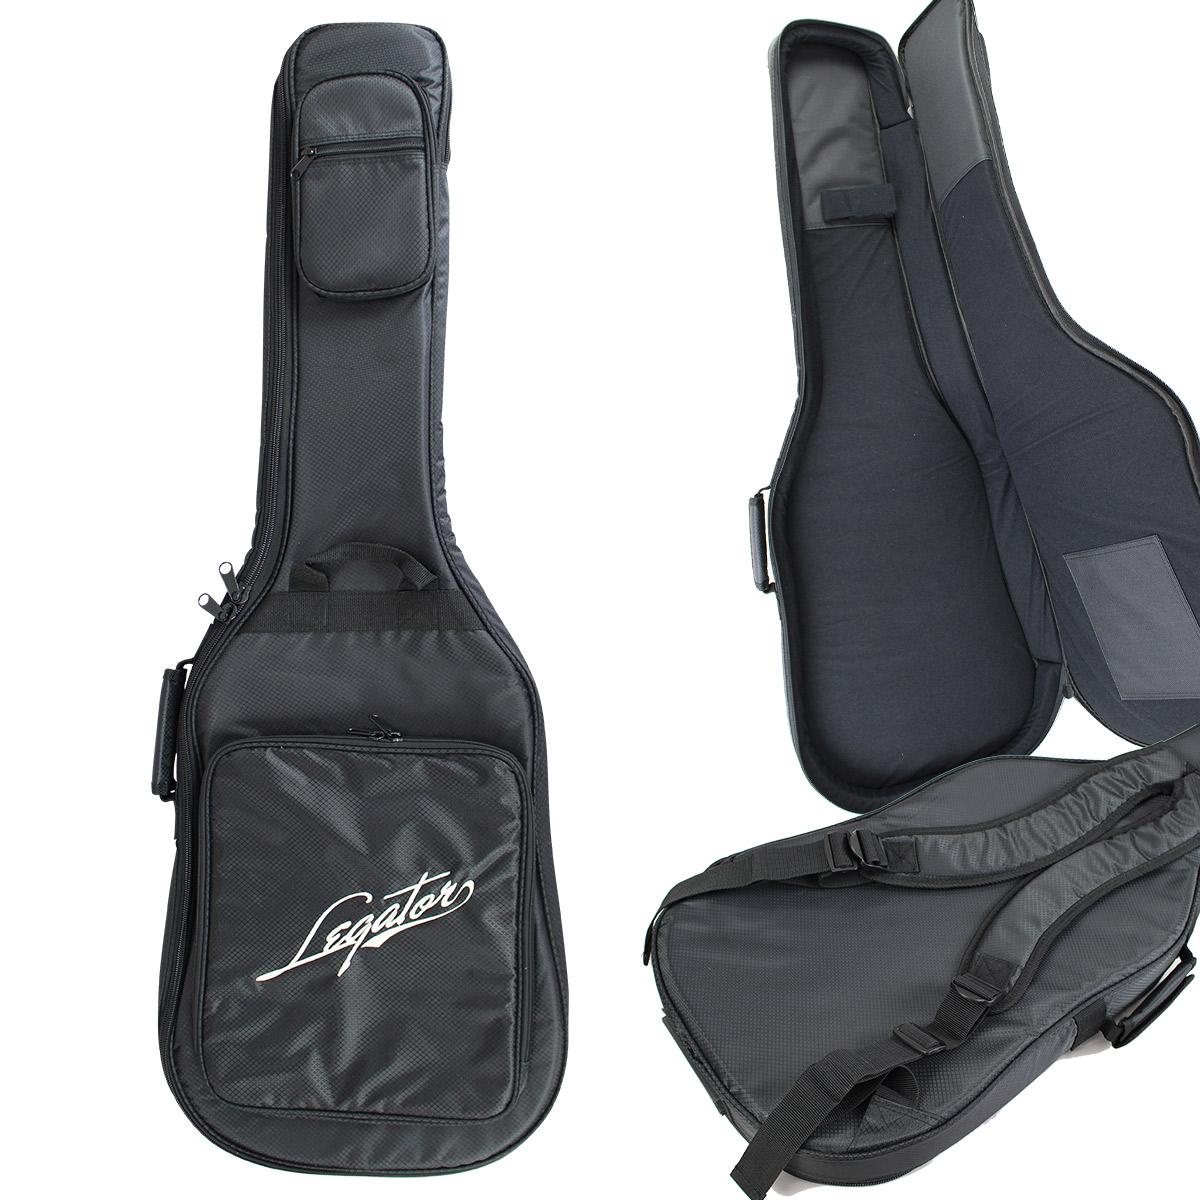 Legator LGB100S 無料 内寸高110cm エレキギター用ソフトケース エクストラロングスケール対応 ギグバッグ レガター 代引き不可